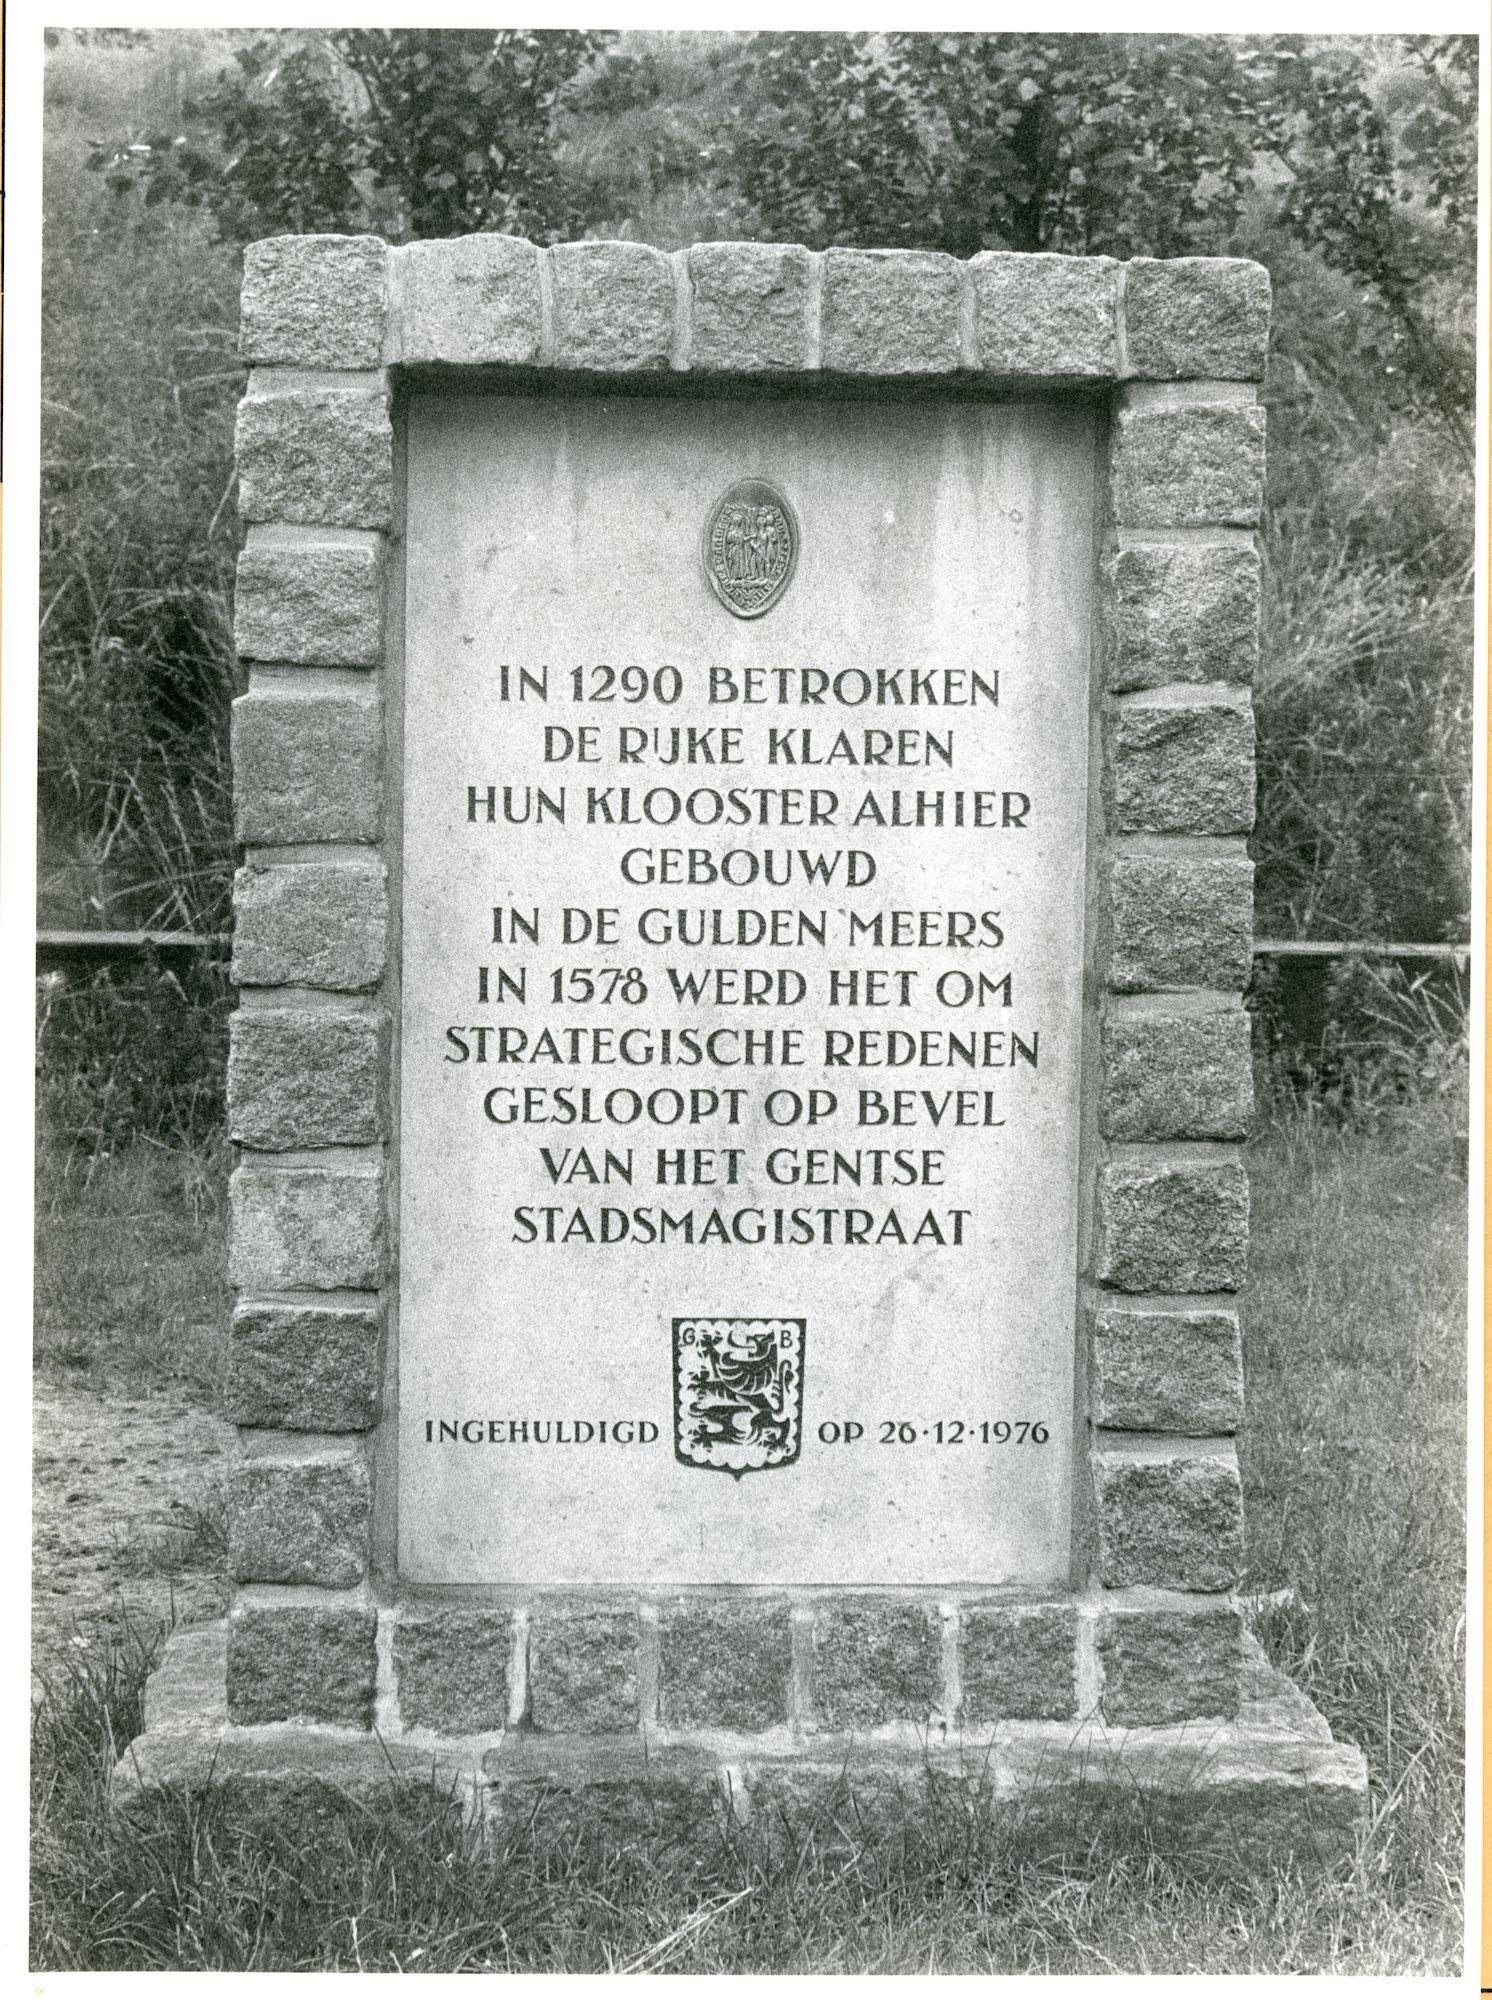 Gentbrugge: Bassijnstraat: Gedenksteen, 1979